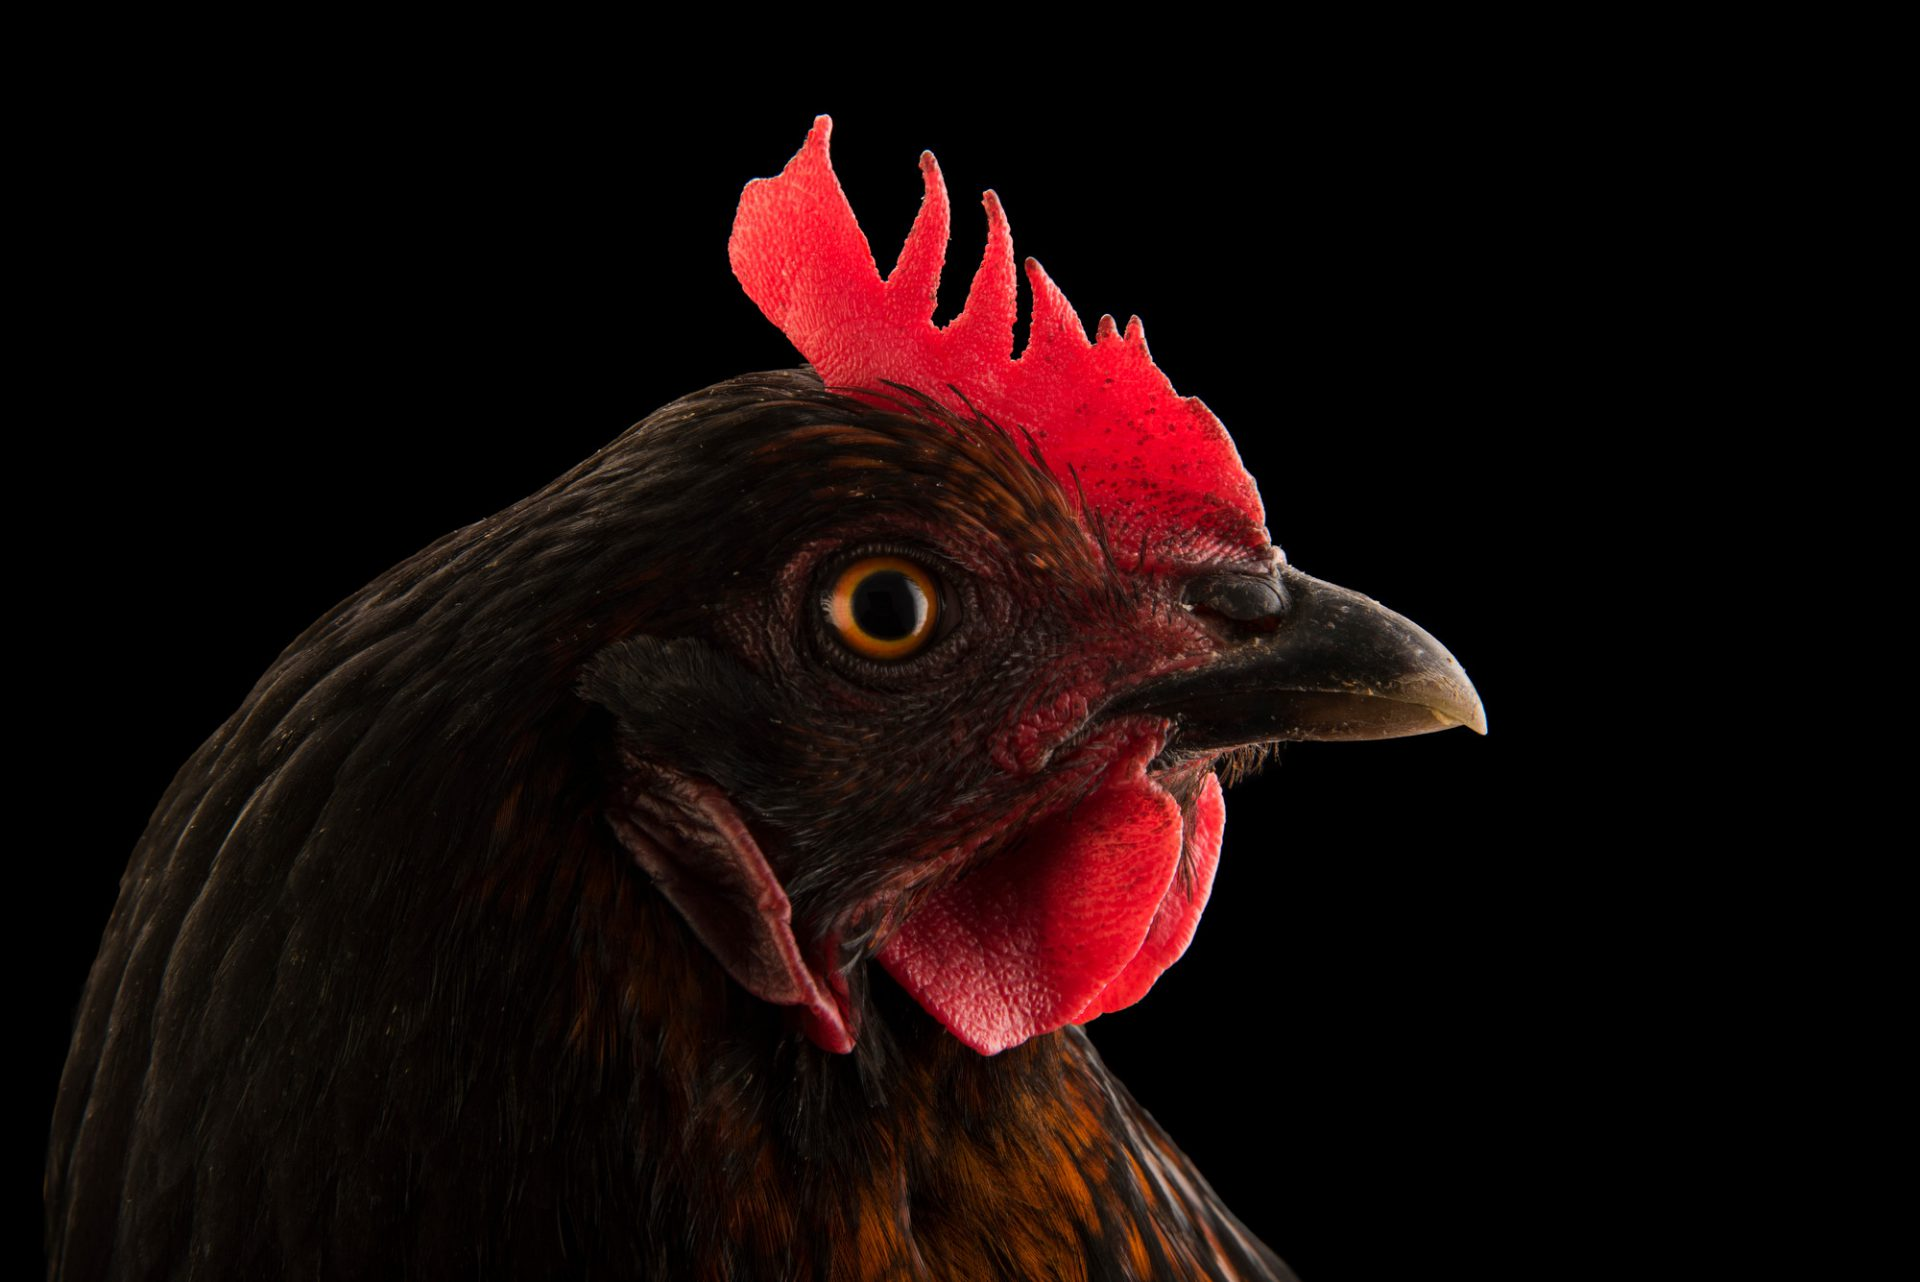 Photo: A domestic chicken (Gallus gallus domesticus) in Lincoln, Nebraska.